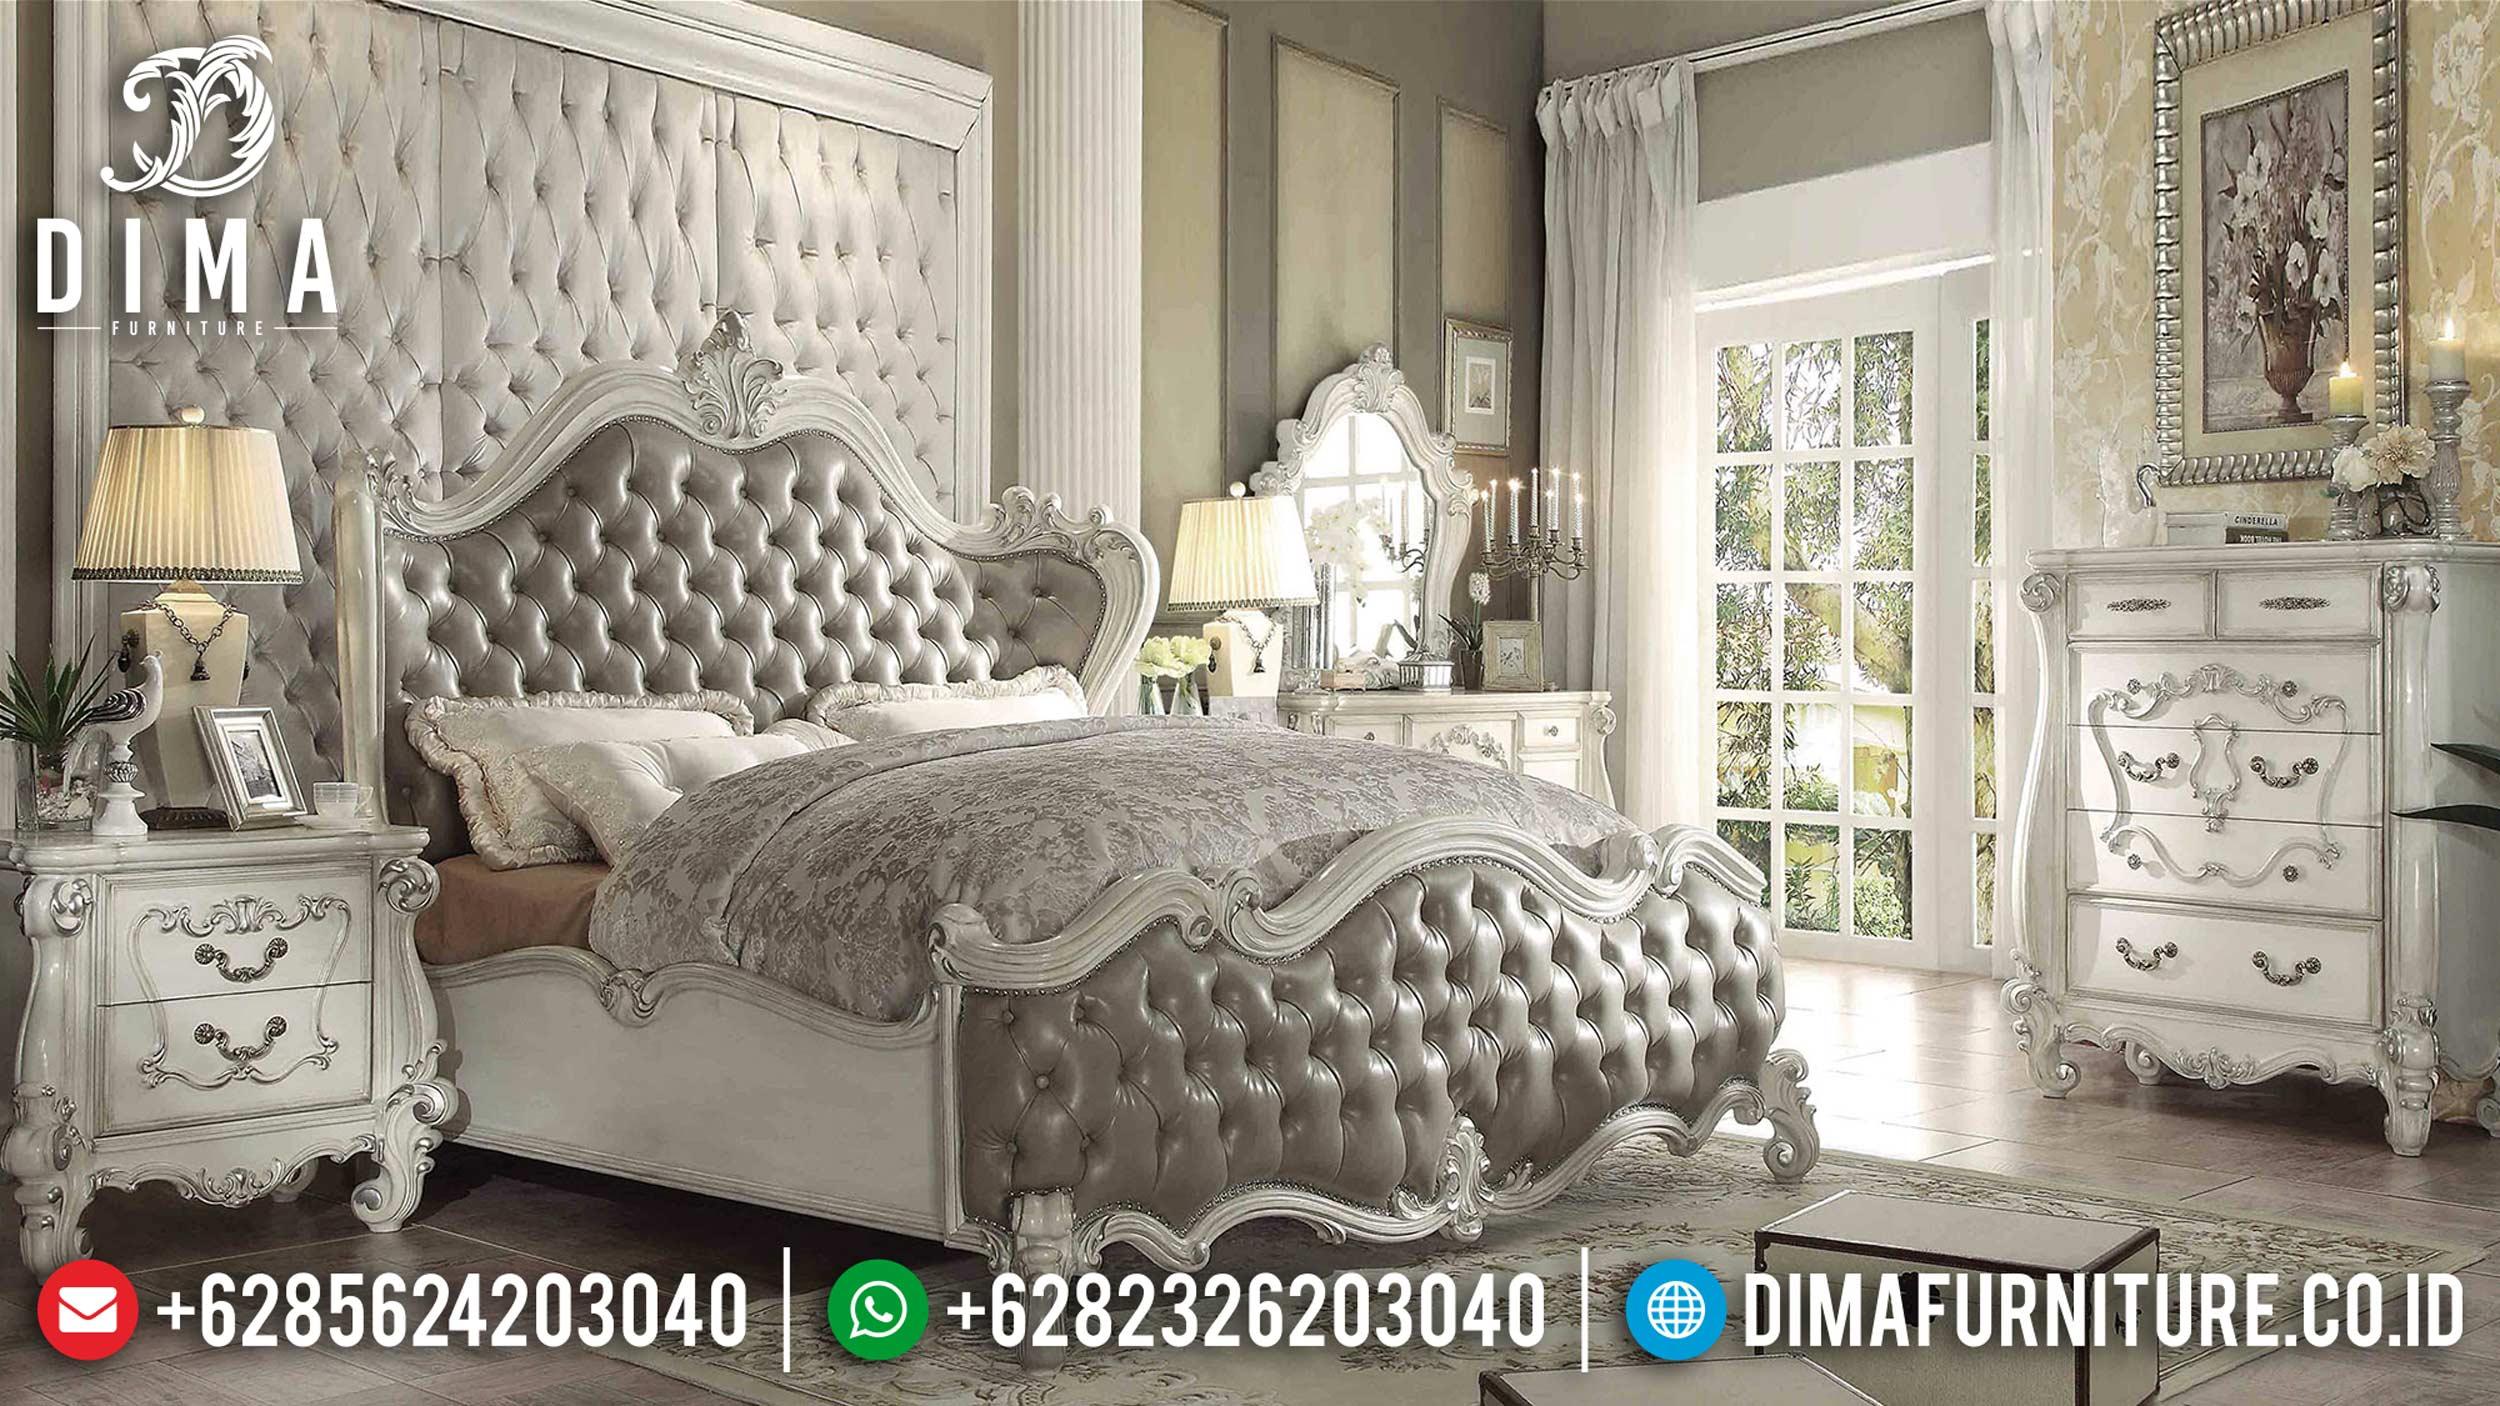 Kamar Set Mewah Jepara, Tempat Tidur Ukiran Klasik, Set Kamar Tidur Mewah Terbaru DF-0381